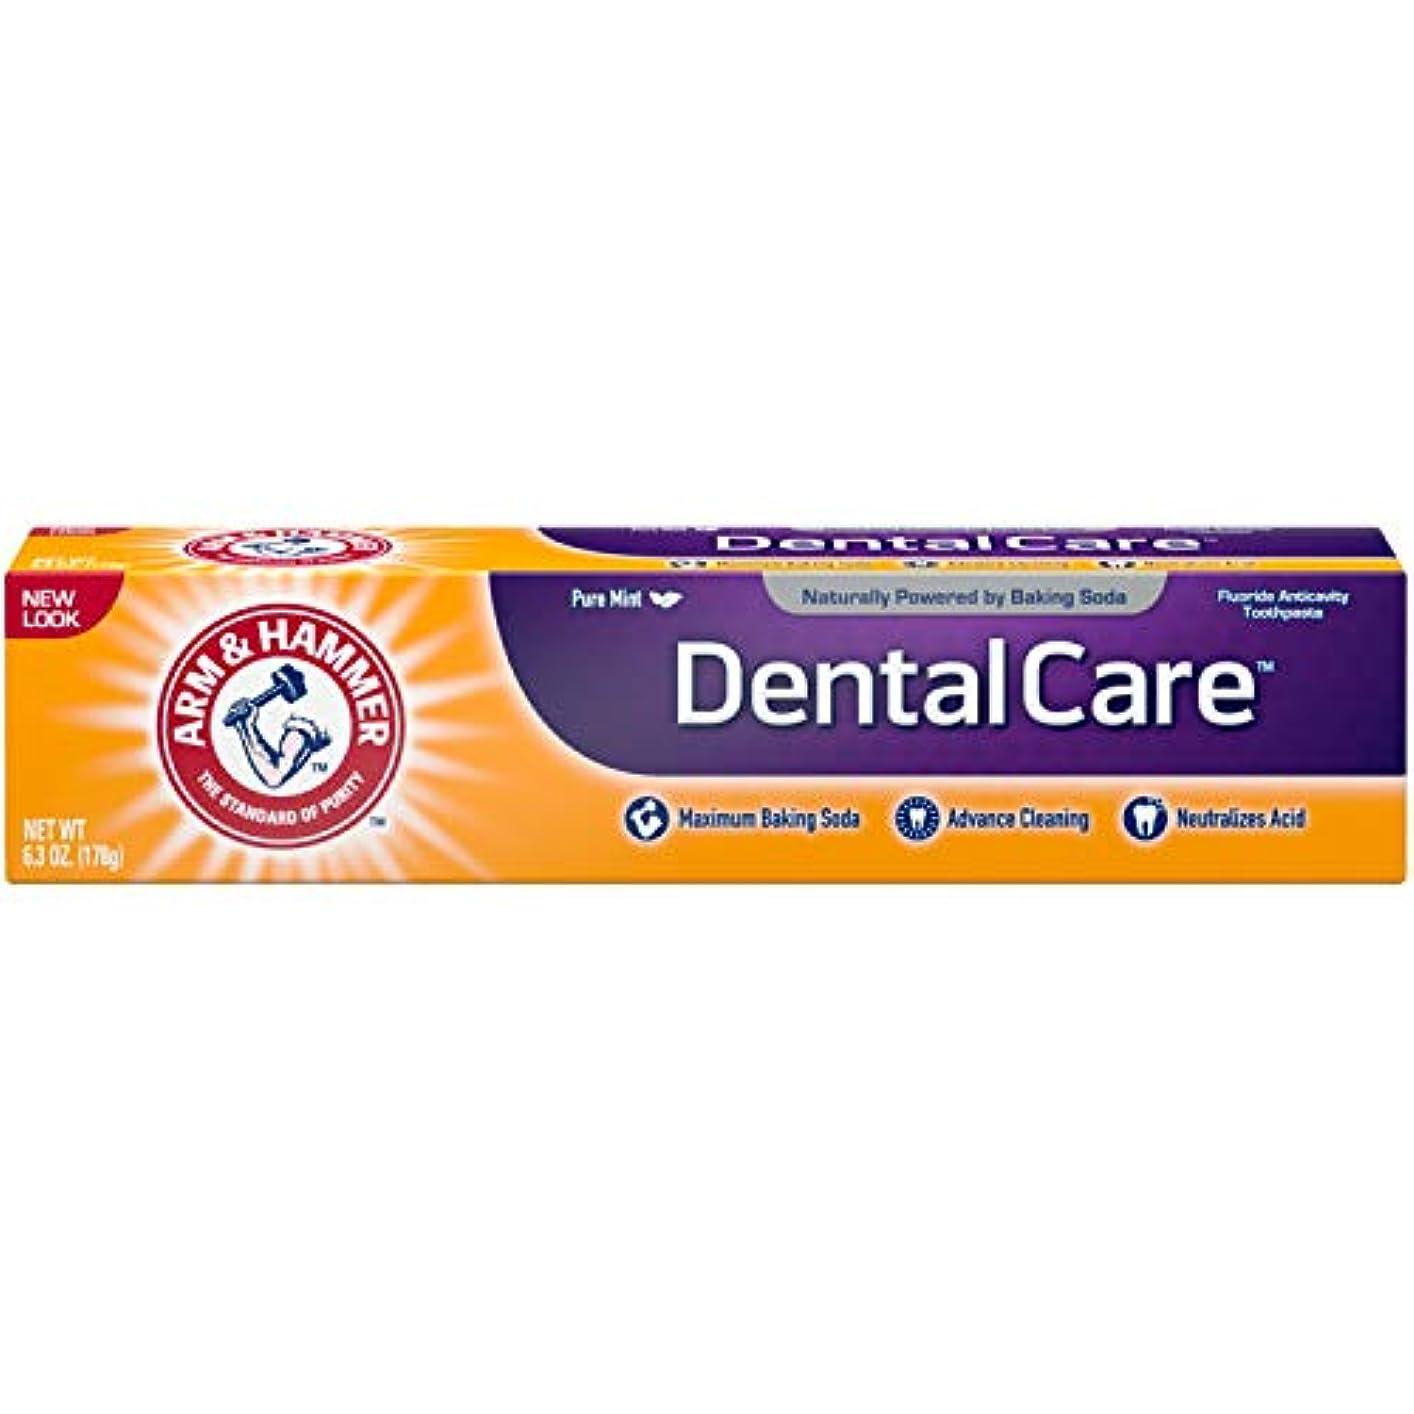 コンペハシードキュメンタリーArm & Hammer デンタルケアフッ化物の歯磨き粉、アドバンスクリーニング、最大強さ、フレッシュミント6.30オズ(12パック) 12のパック